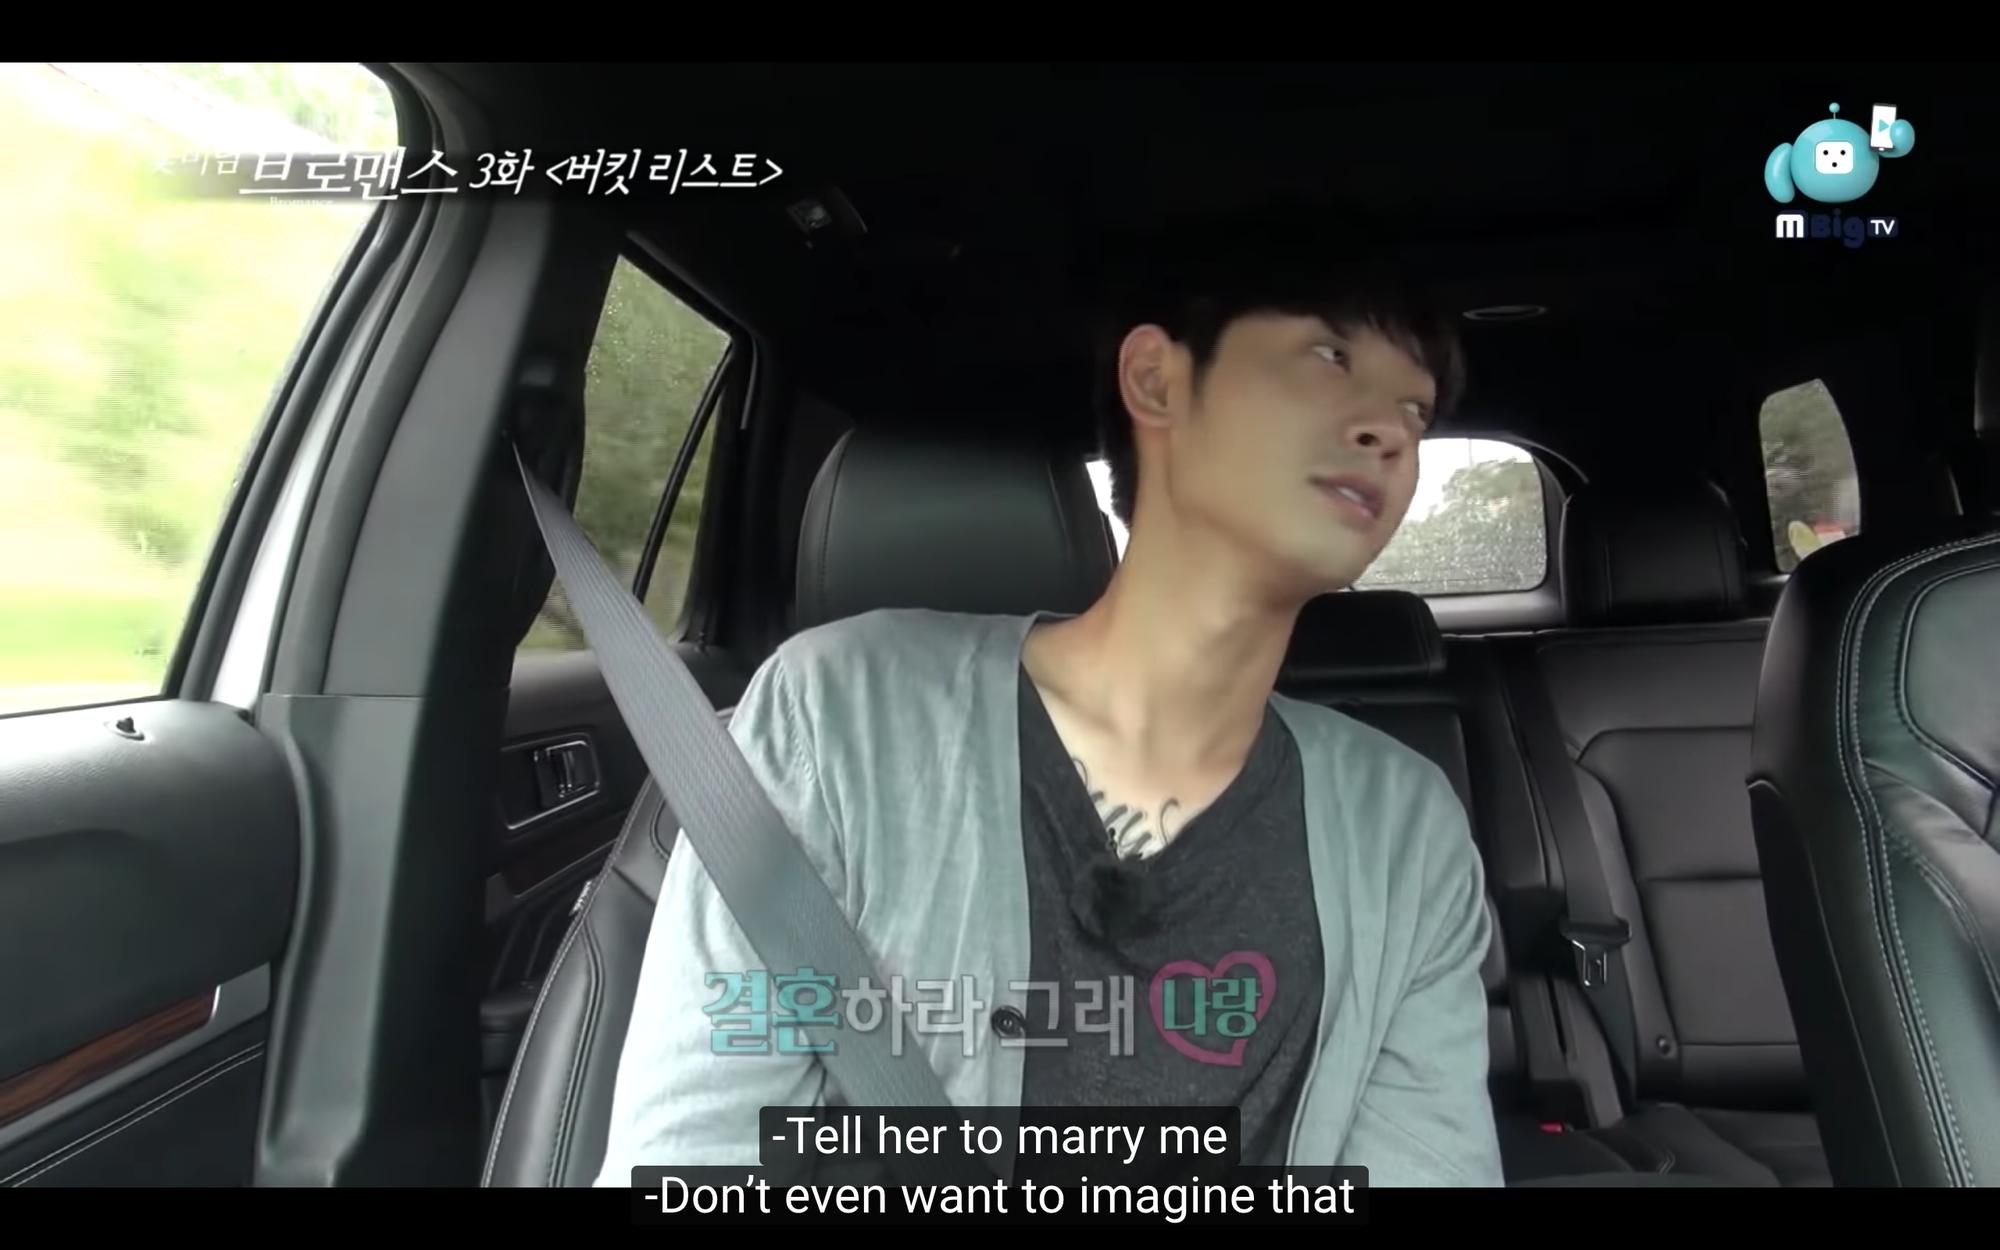 Rùng mình cuộc hội thoại ẩn ý của Jung Joon Young và Roy Kim trước khi bê bối tình dục nổ ra: Cậu làm tôi vấy bẩn - Ảnh 4.